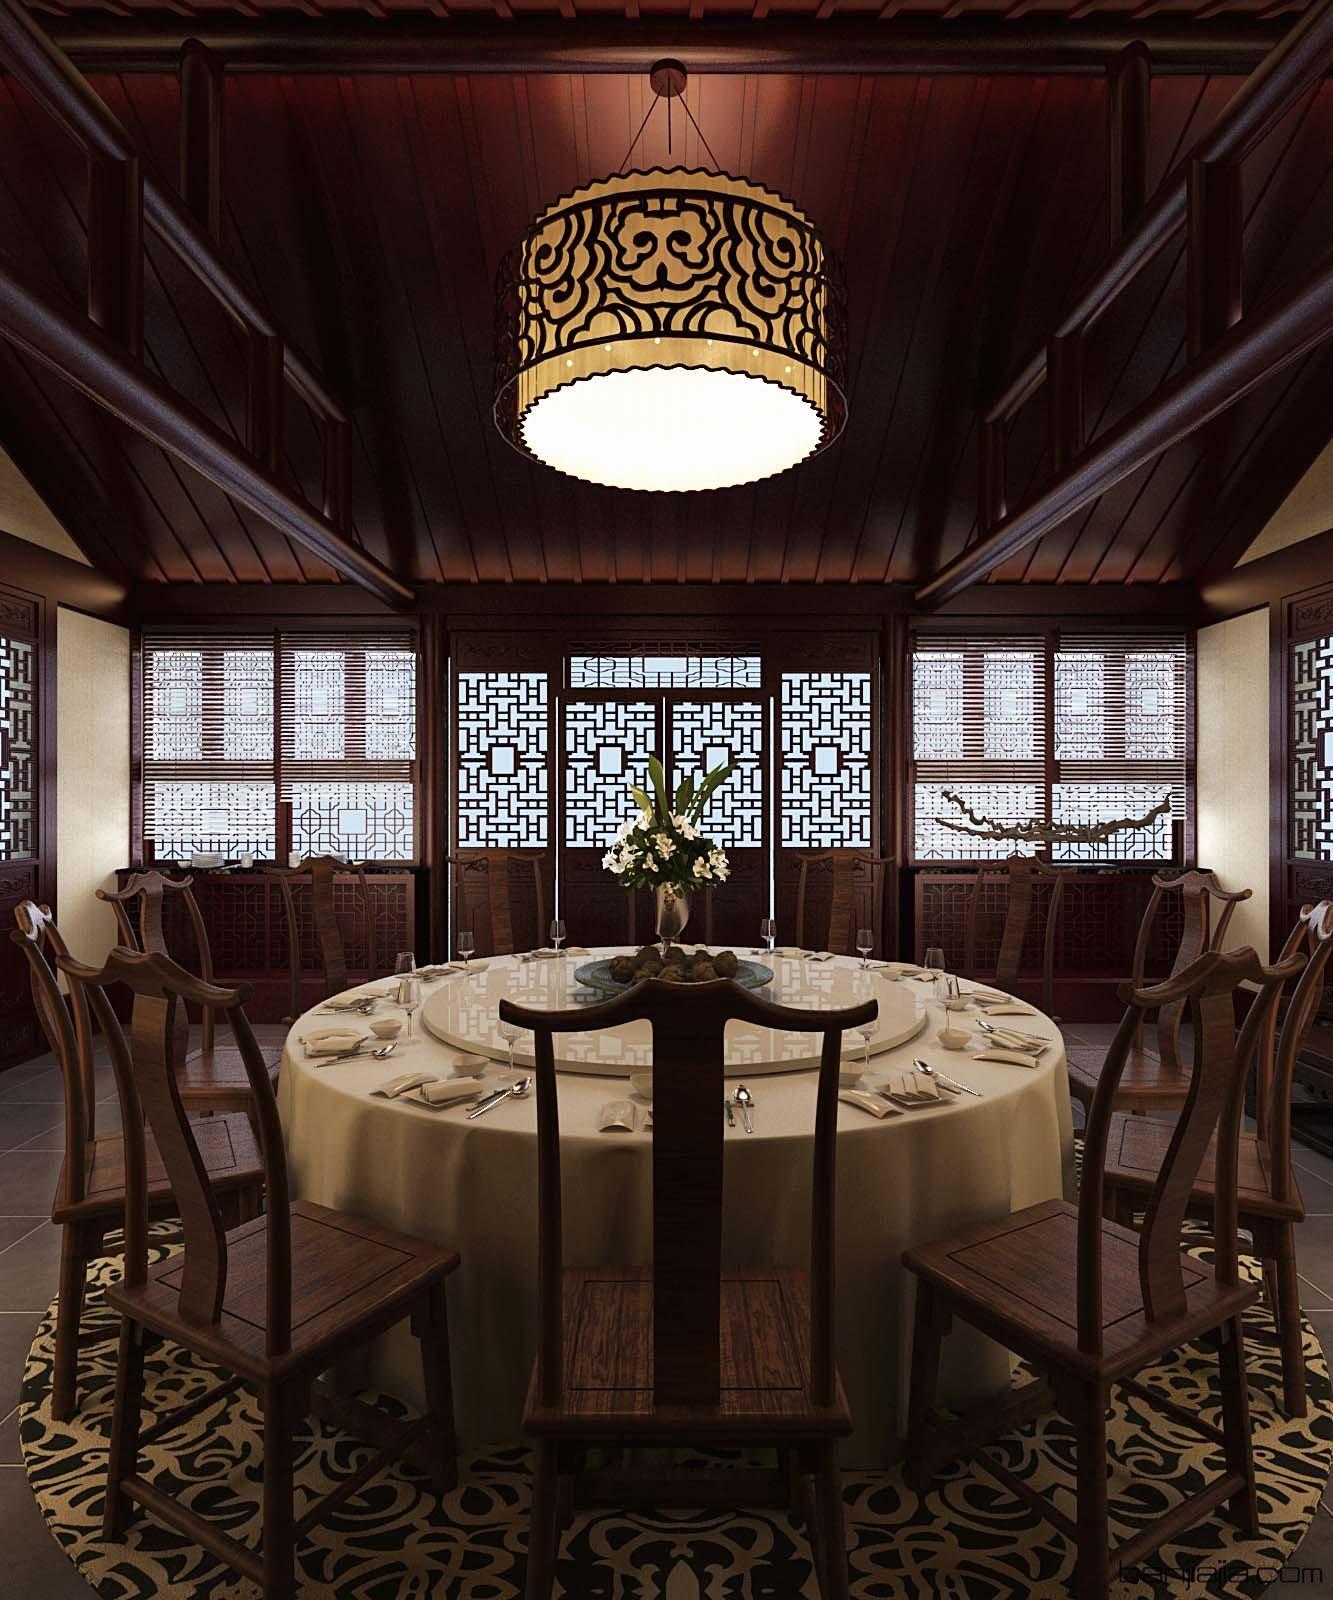 中式餐厅四合院 - 扮家家室内设计网